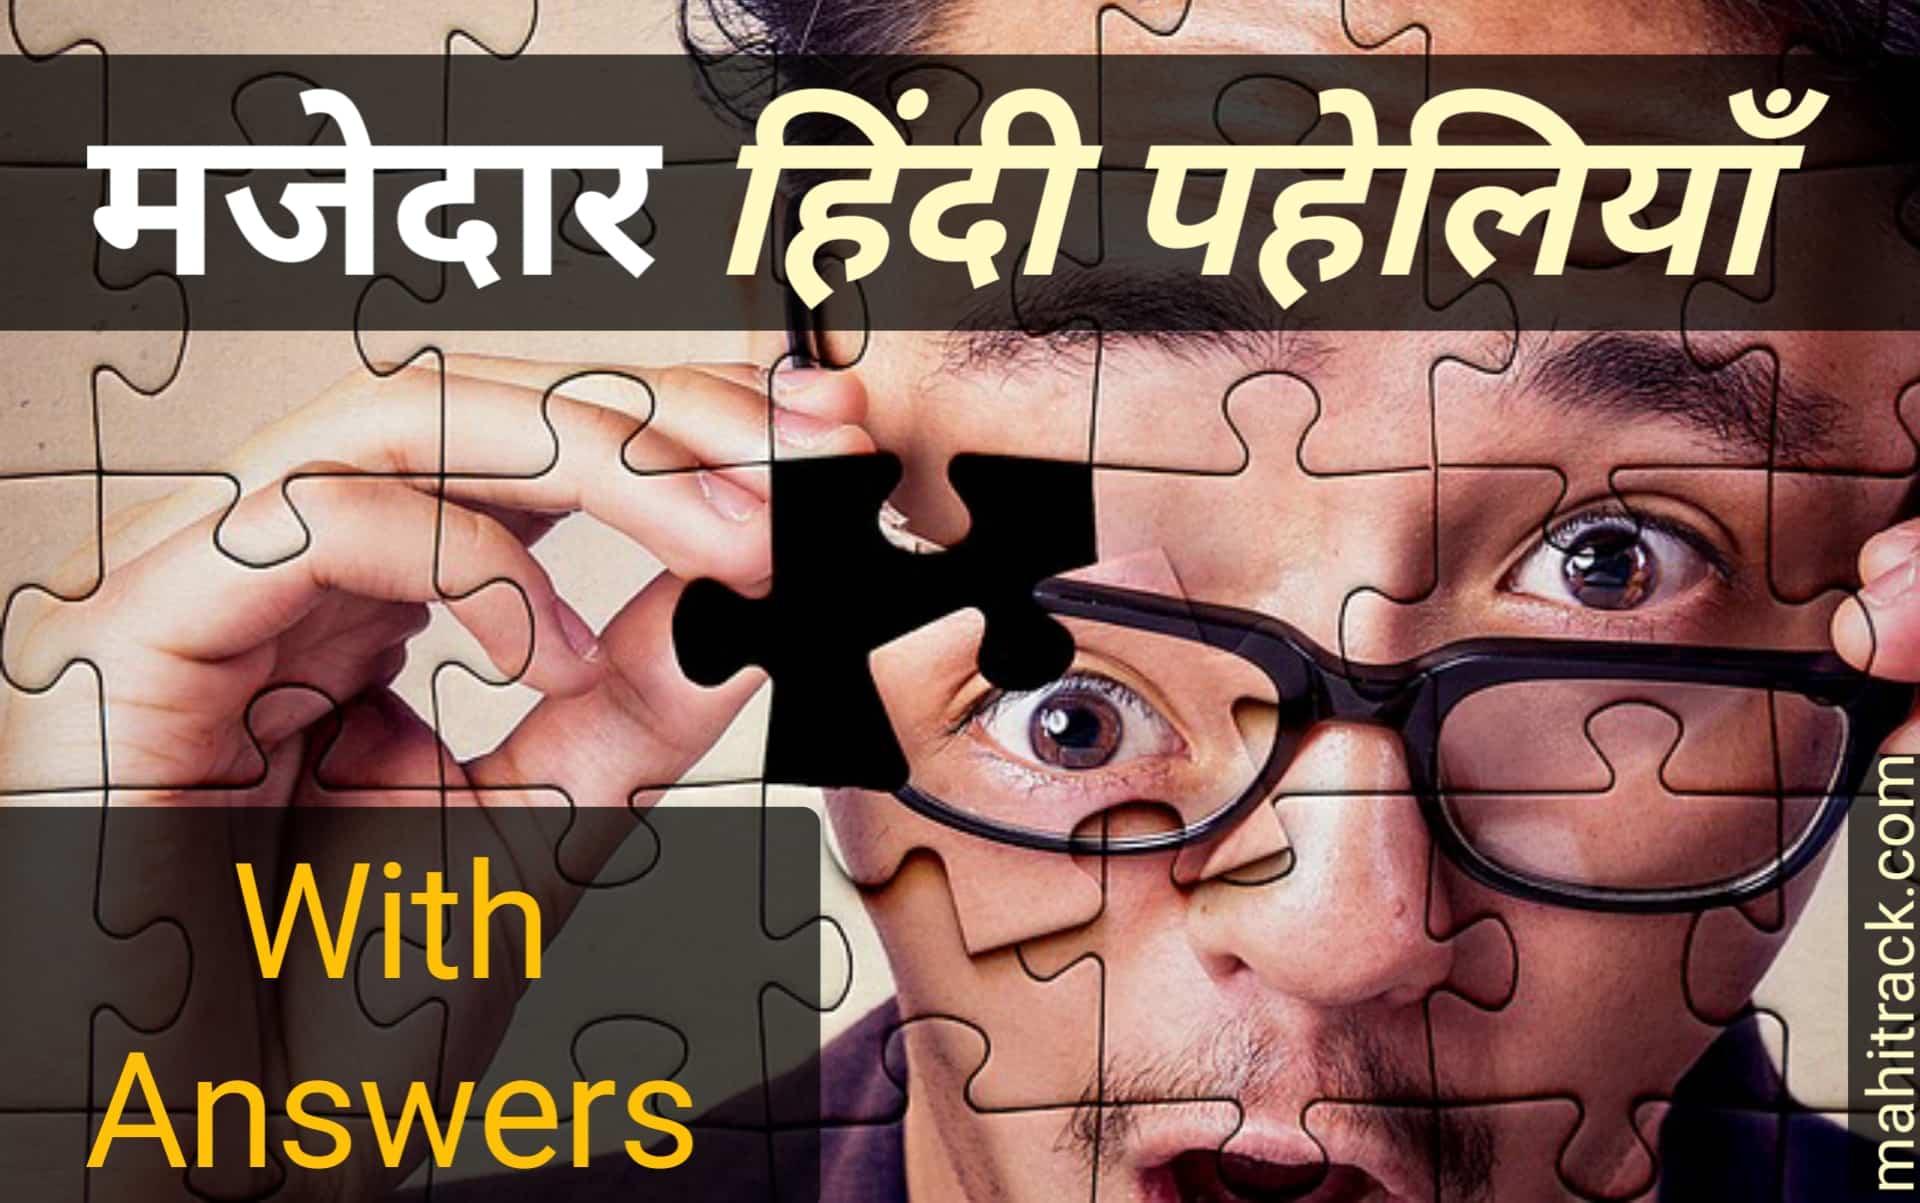 Best Hindi Paheliyan | मज़ेदार पहेलियाँ हिंदी में